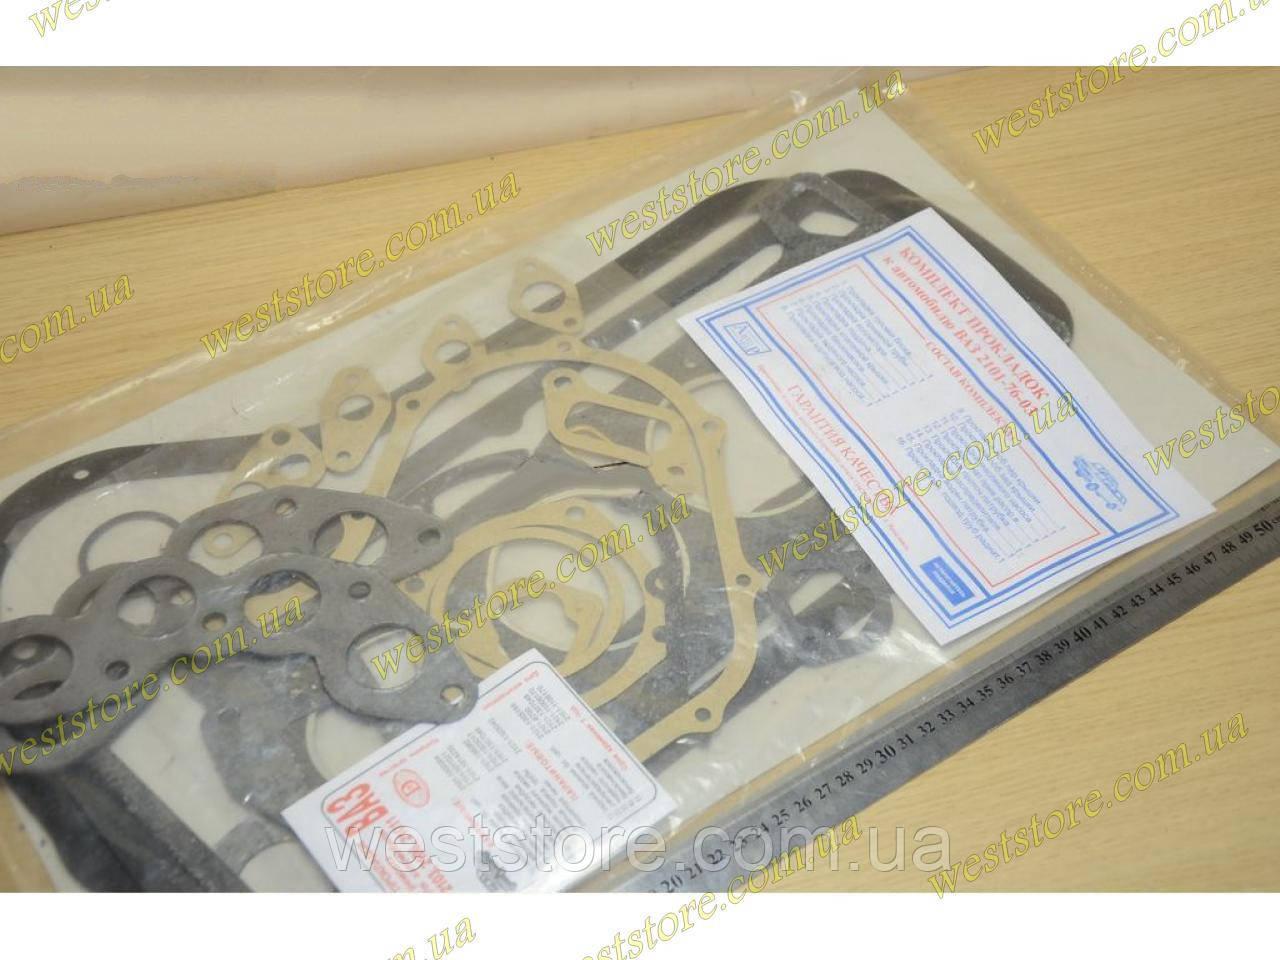 Набор прокладок двигателя Ваз 21011,2101 2103 2106 2105 2107 (79) полный